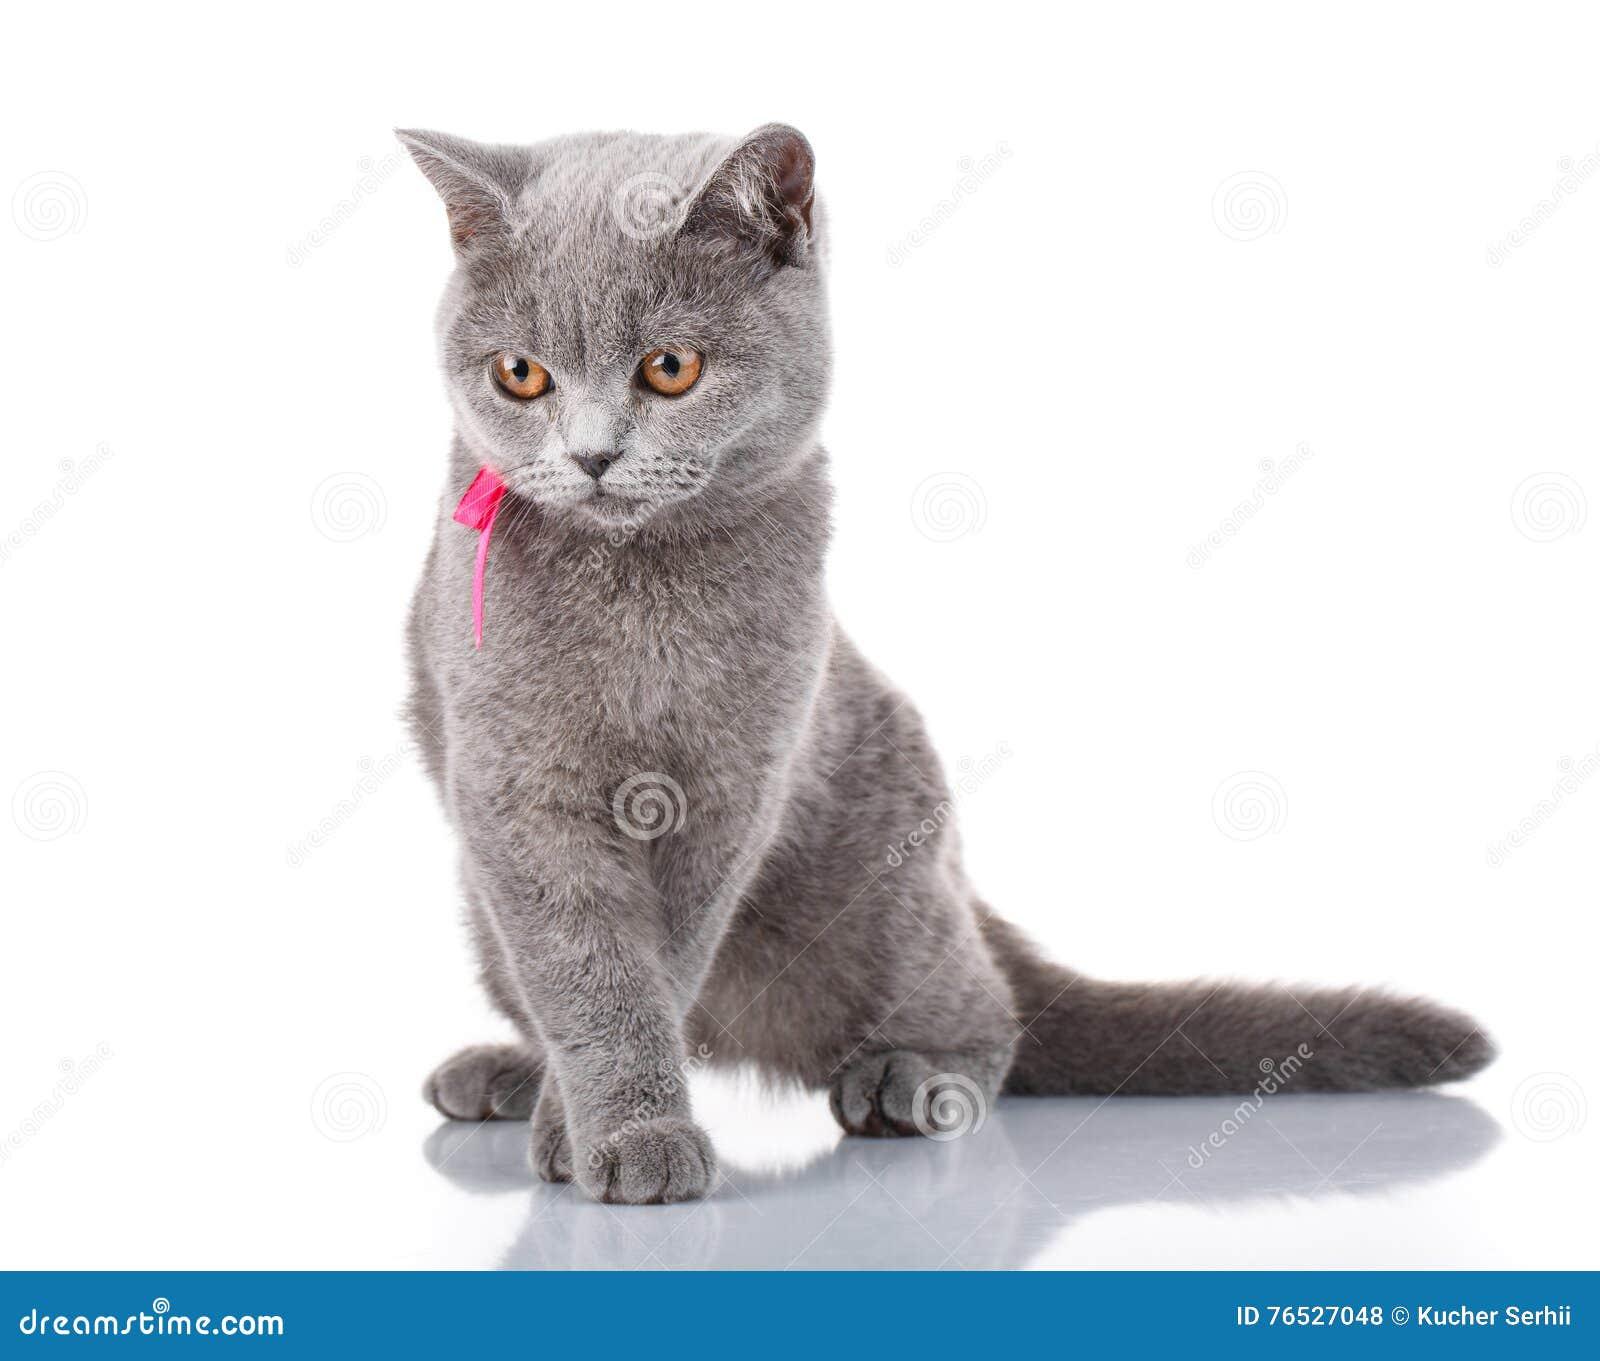 Gato de Grey Scottish Fold con la cinta rosada que se sienta en el blanco, concepto de tolerancia